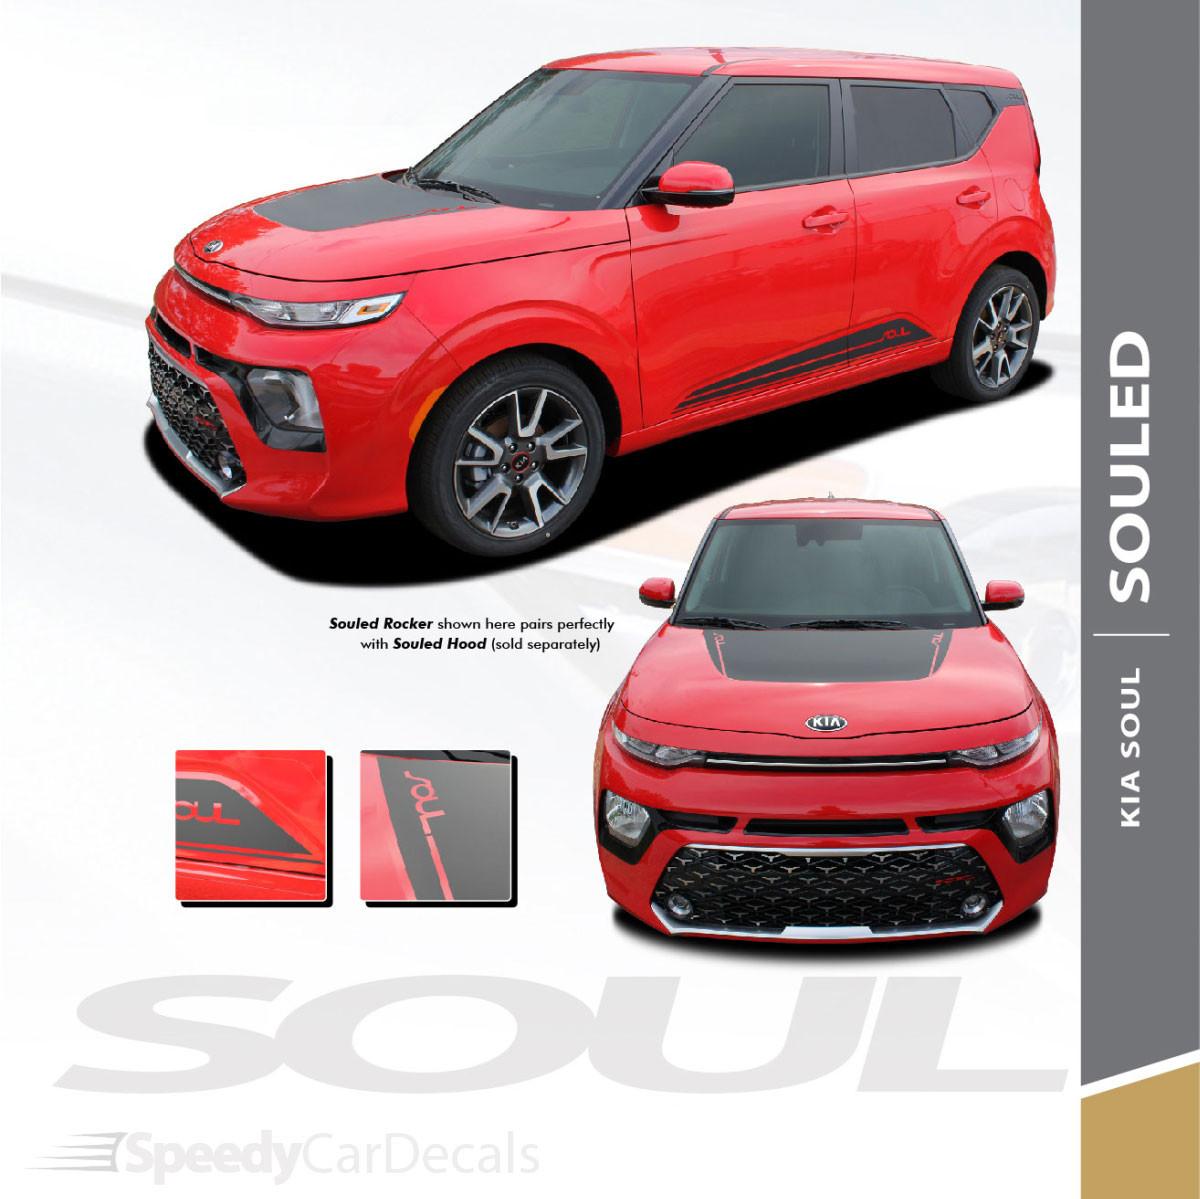 kia soul side stripes souled rocker 2020 2021 nice find kia soul side stripes souled rocker 2020 2021 easy install